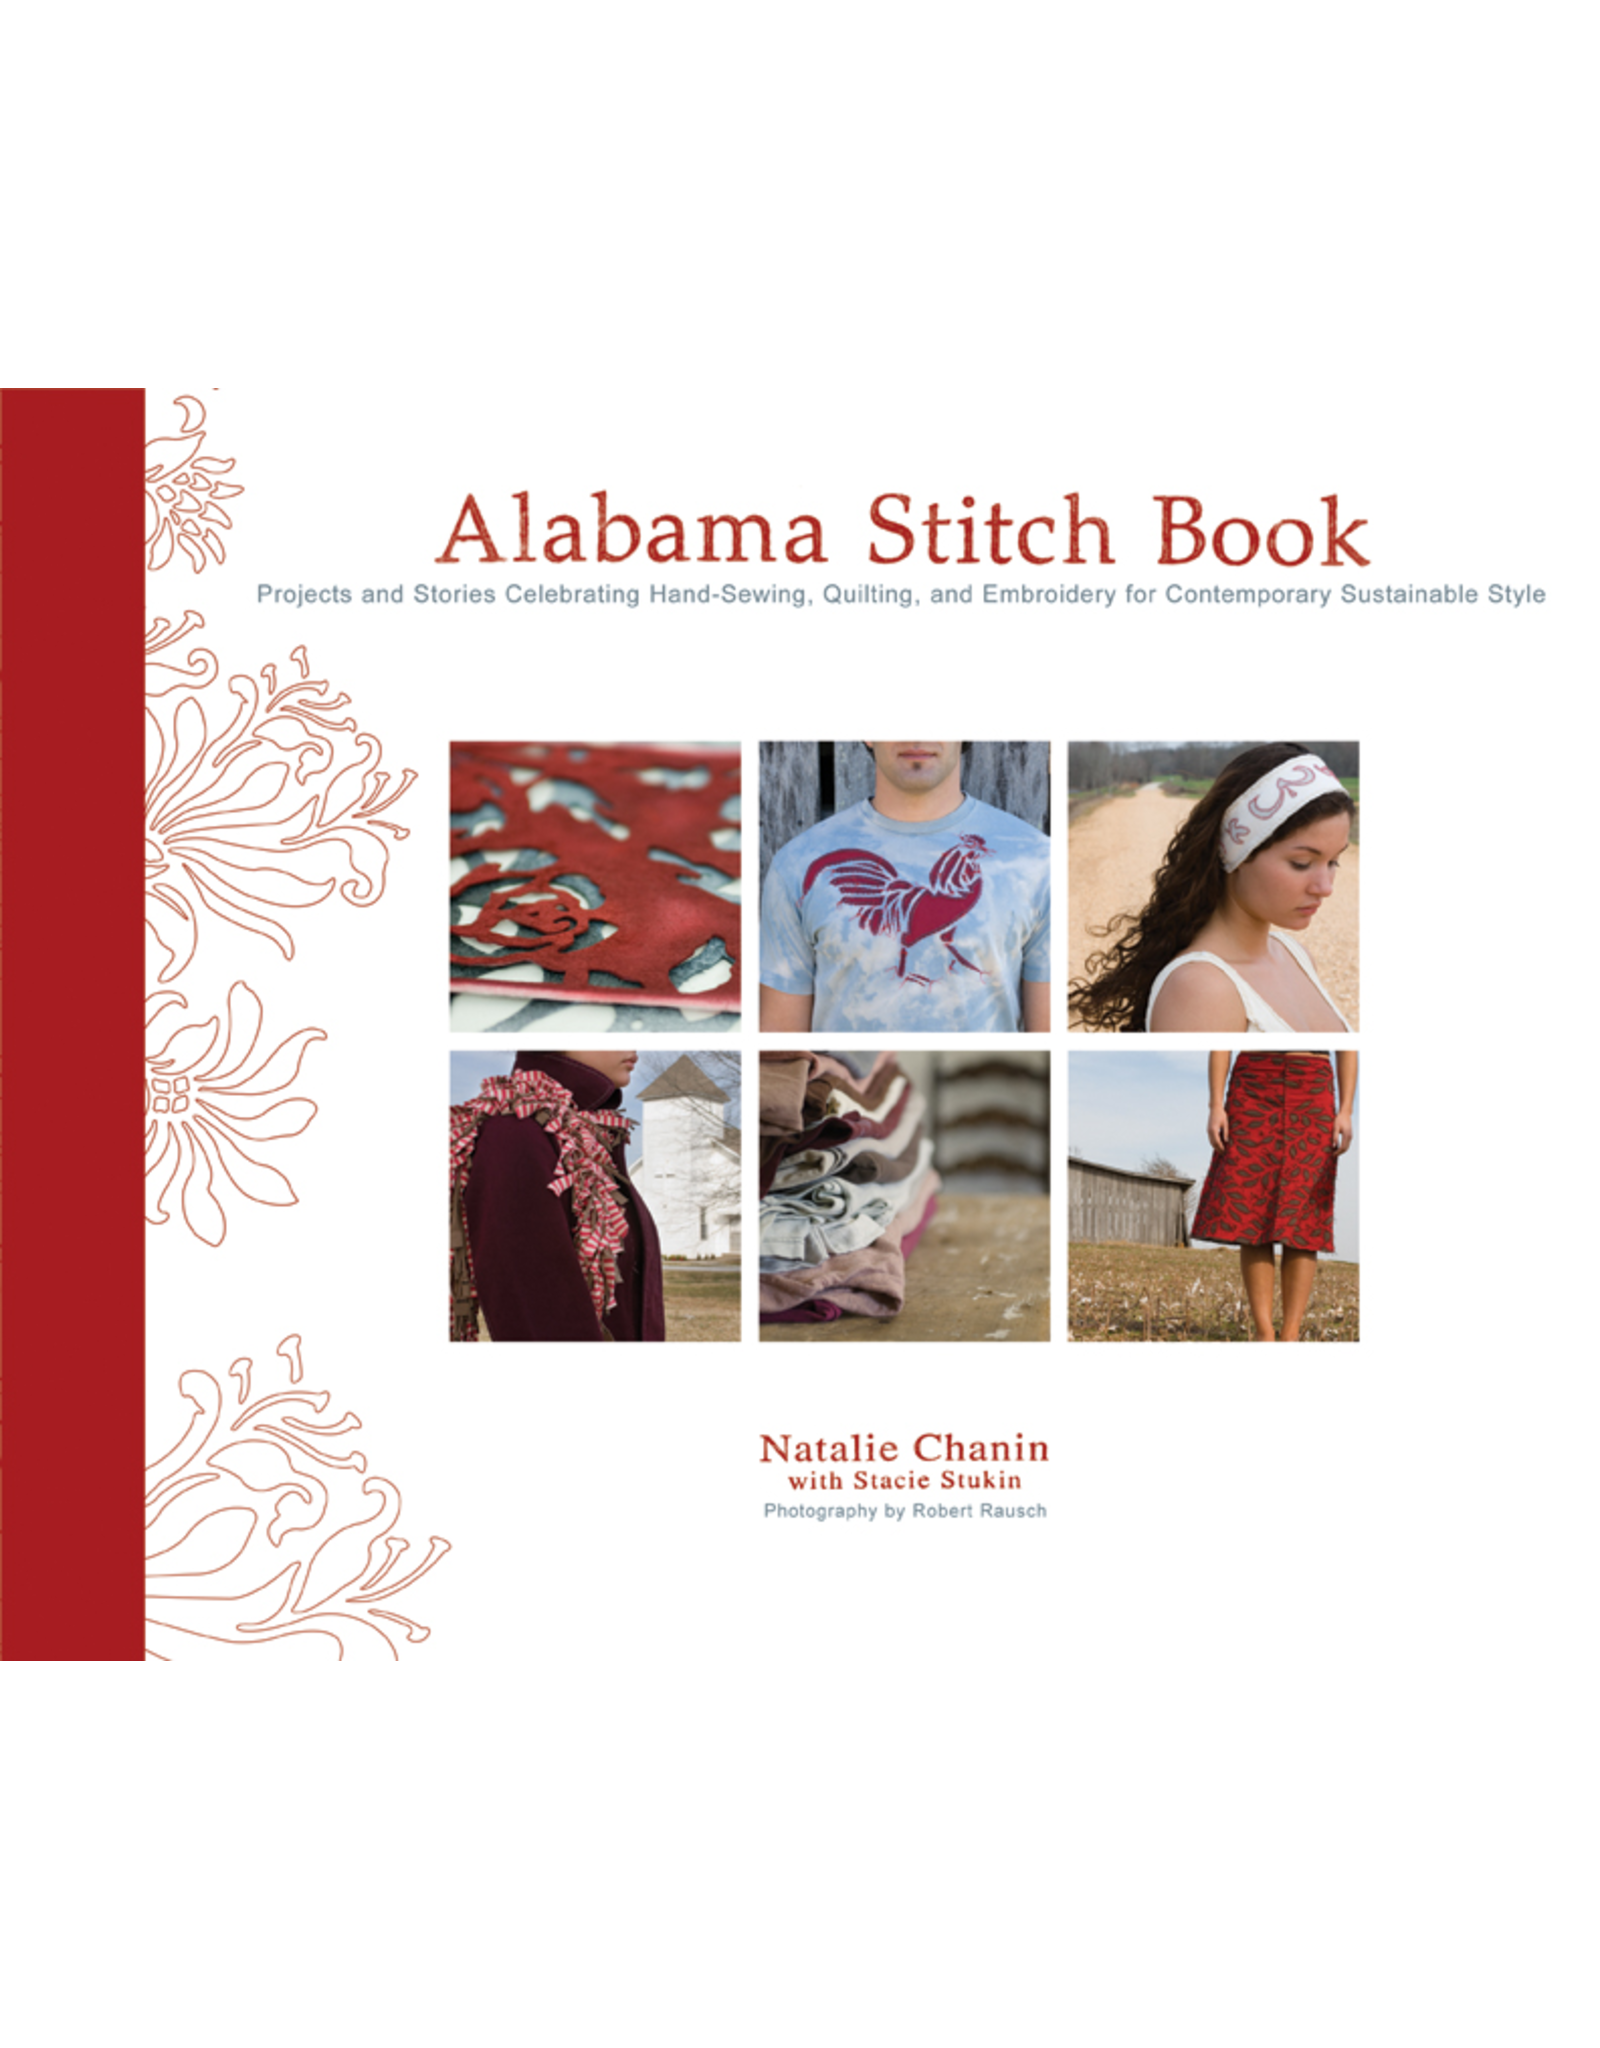 Natalie Chanin of Alabama Chanin Alabama Stitch Book